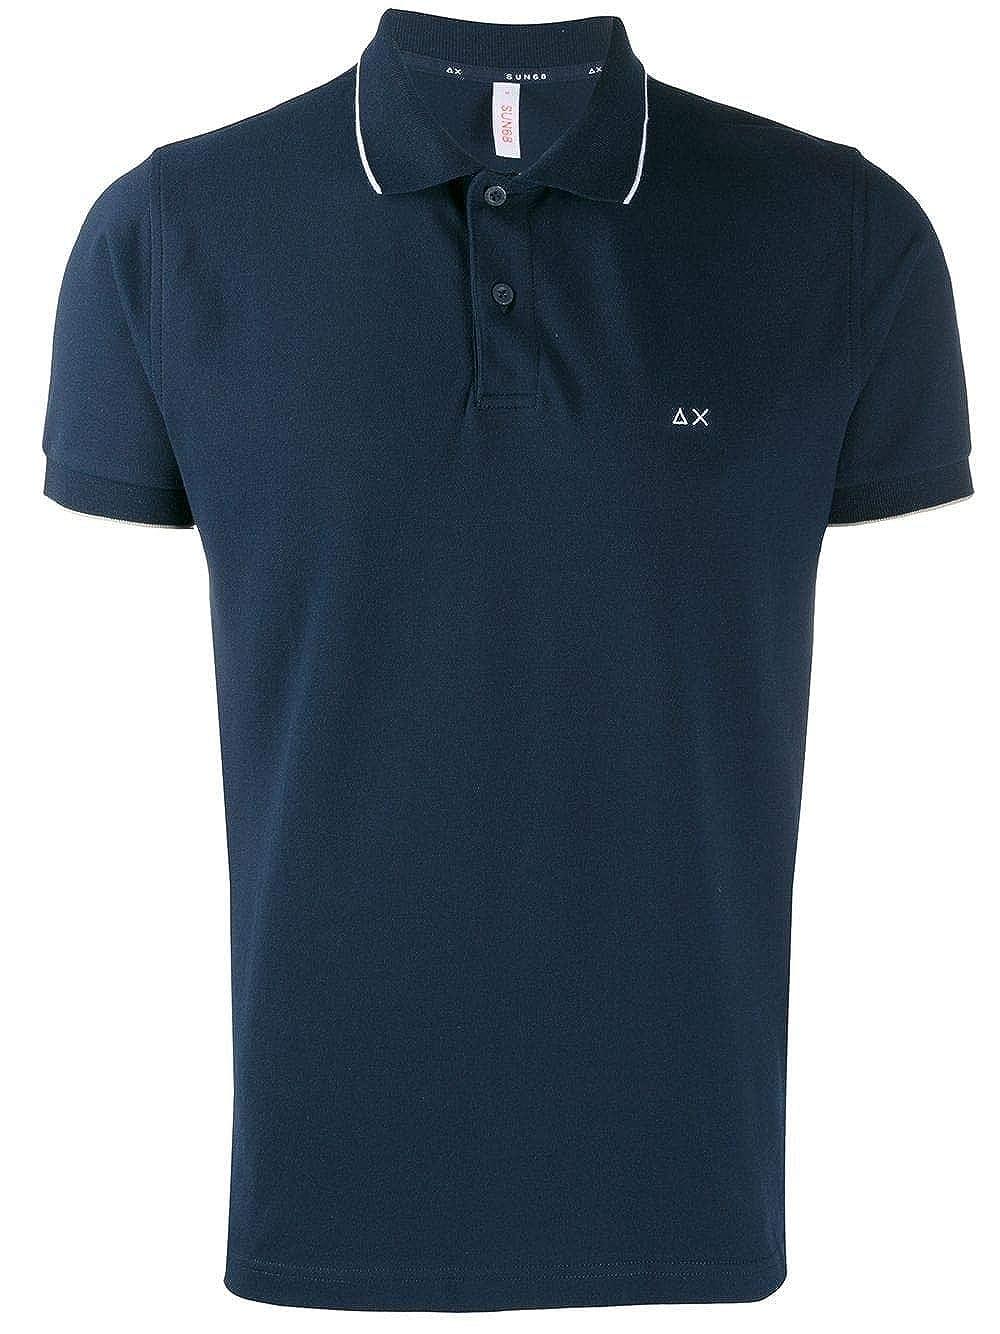 SUN68 Luxury Fashion Mens Polo Shirt Summer Blue